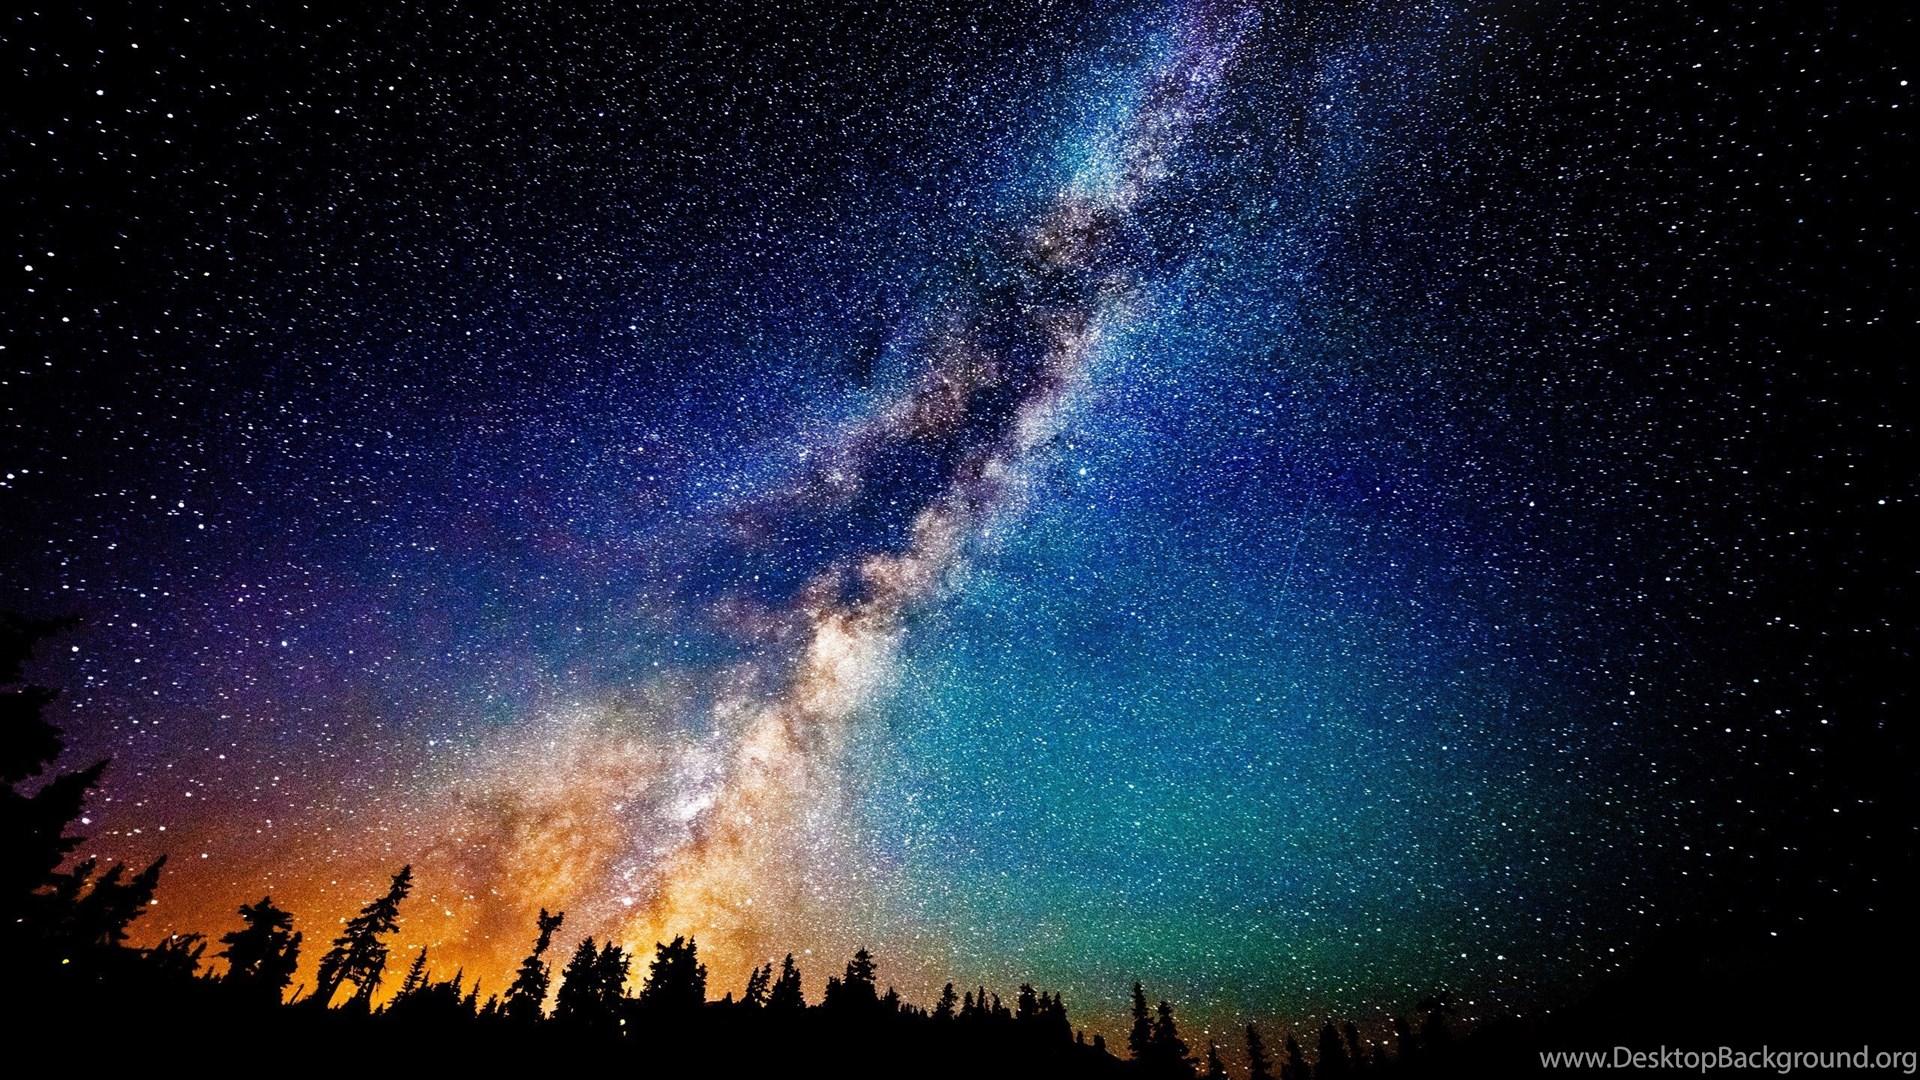 Milky Way Galaxy And The Andromeda Galaxy Wallpaper